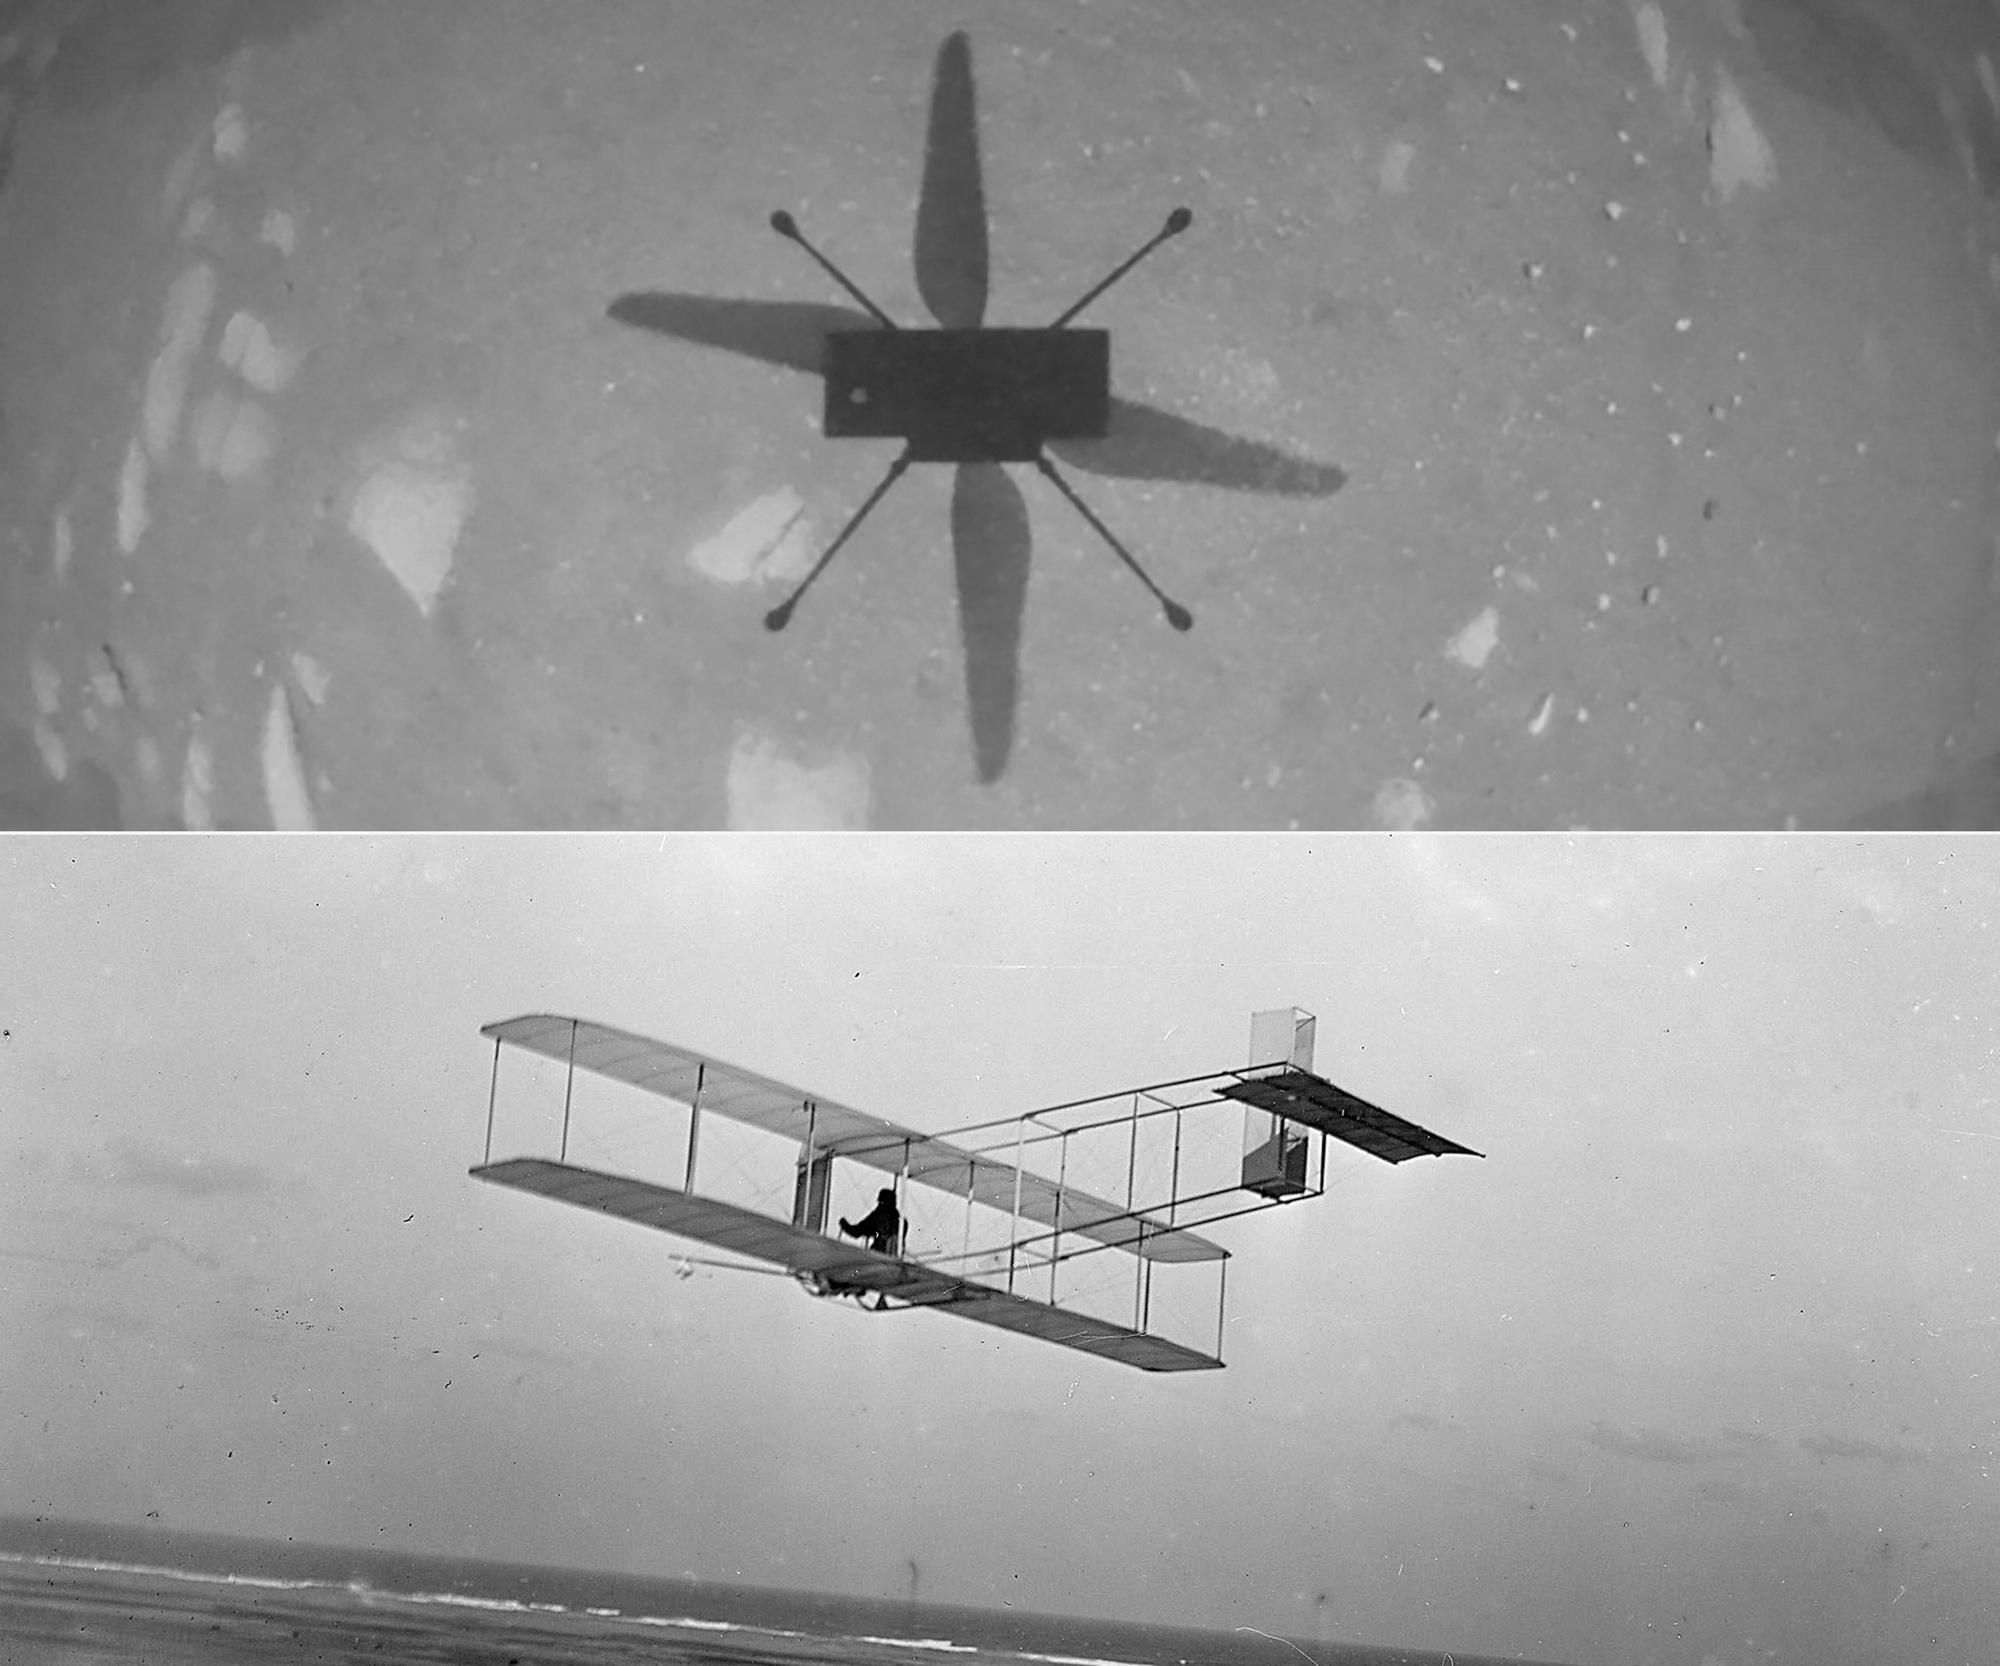 L'opération est l'équivalent sur Mars du premier vol d'un engin motorisé sur Terre, en 1903, par les frères Wright., BELGA